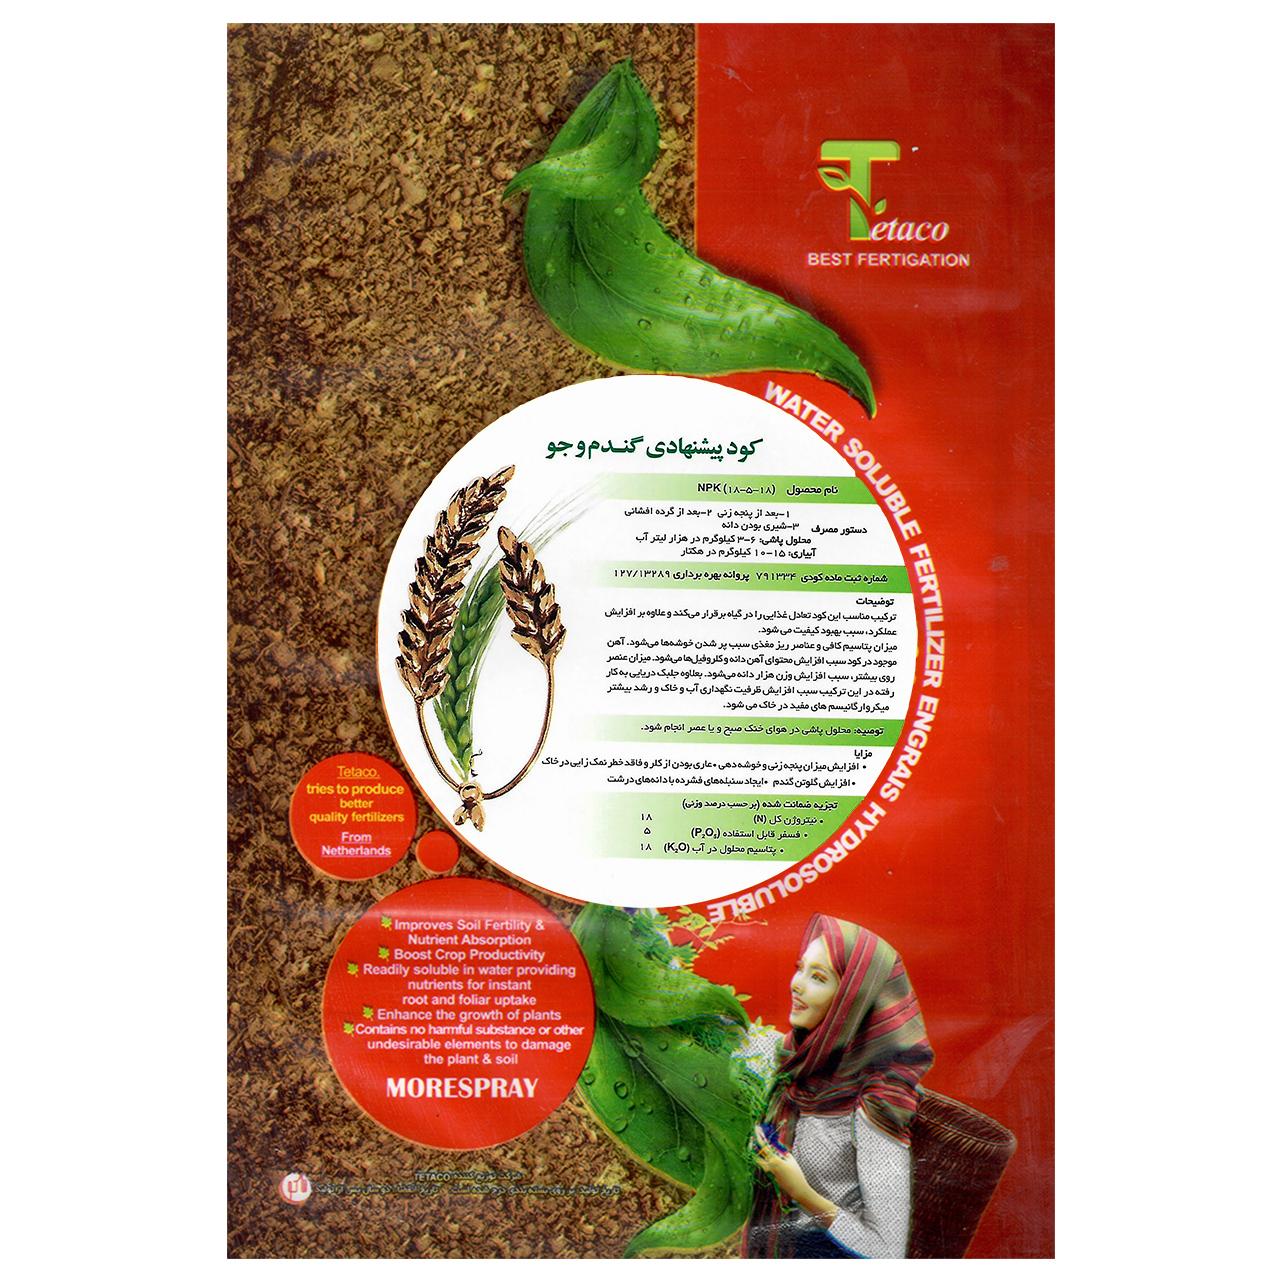 کود تتاکو مدل MORESPRAY  NPK مناسب برای  گندم و جو وزن 1 کیلوگرم